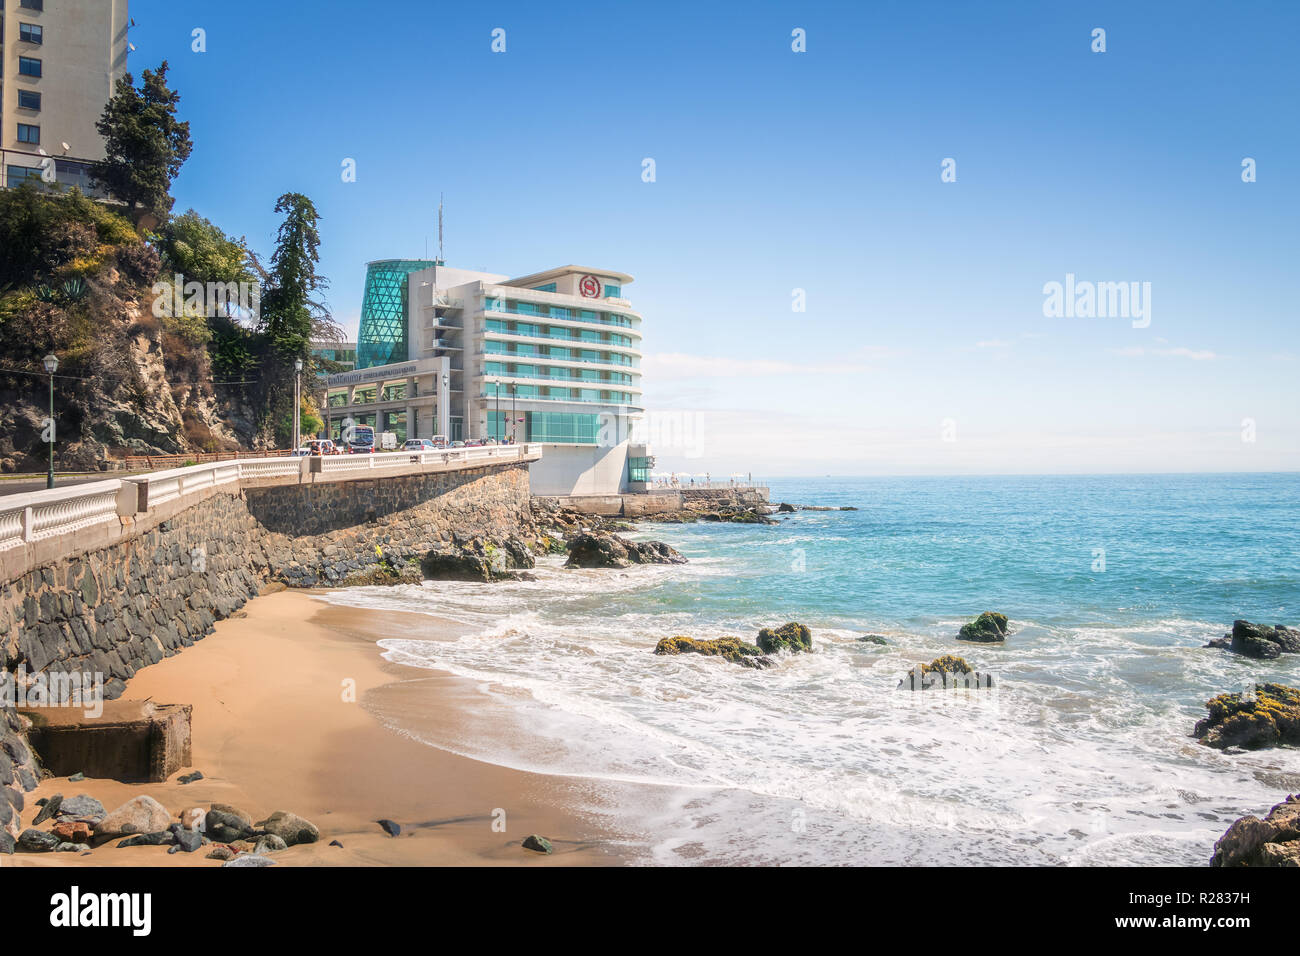 Sheraton Hotel - Vina del Mar, Chile - Stock Image